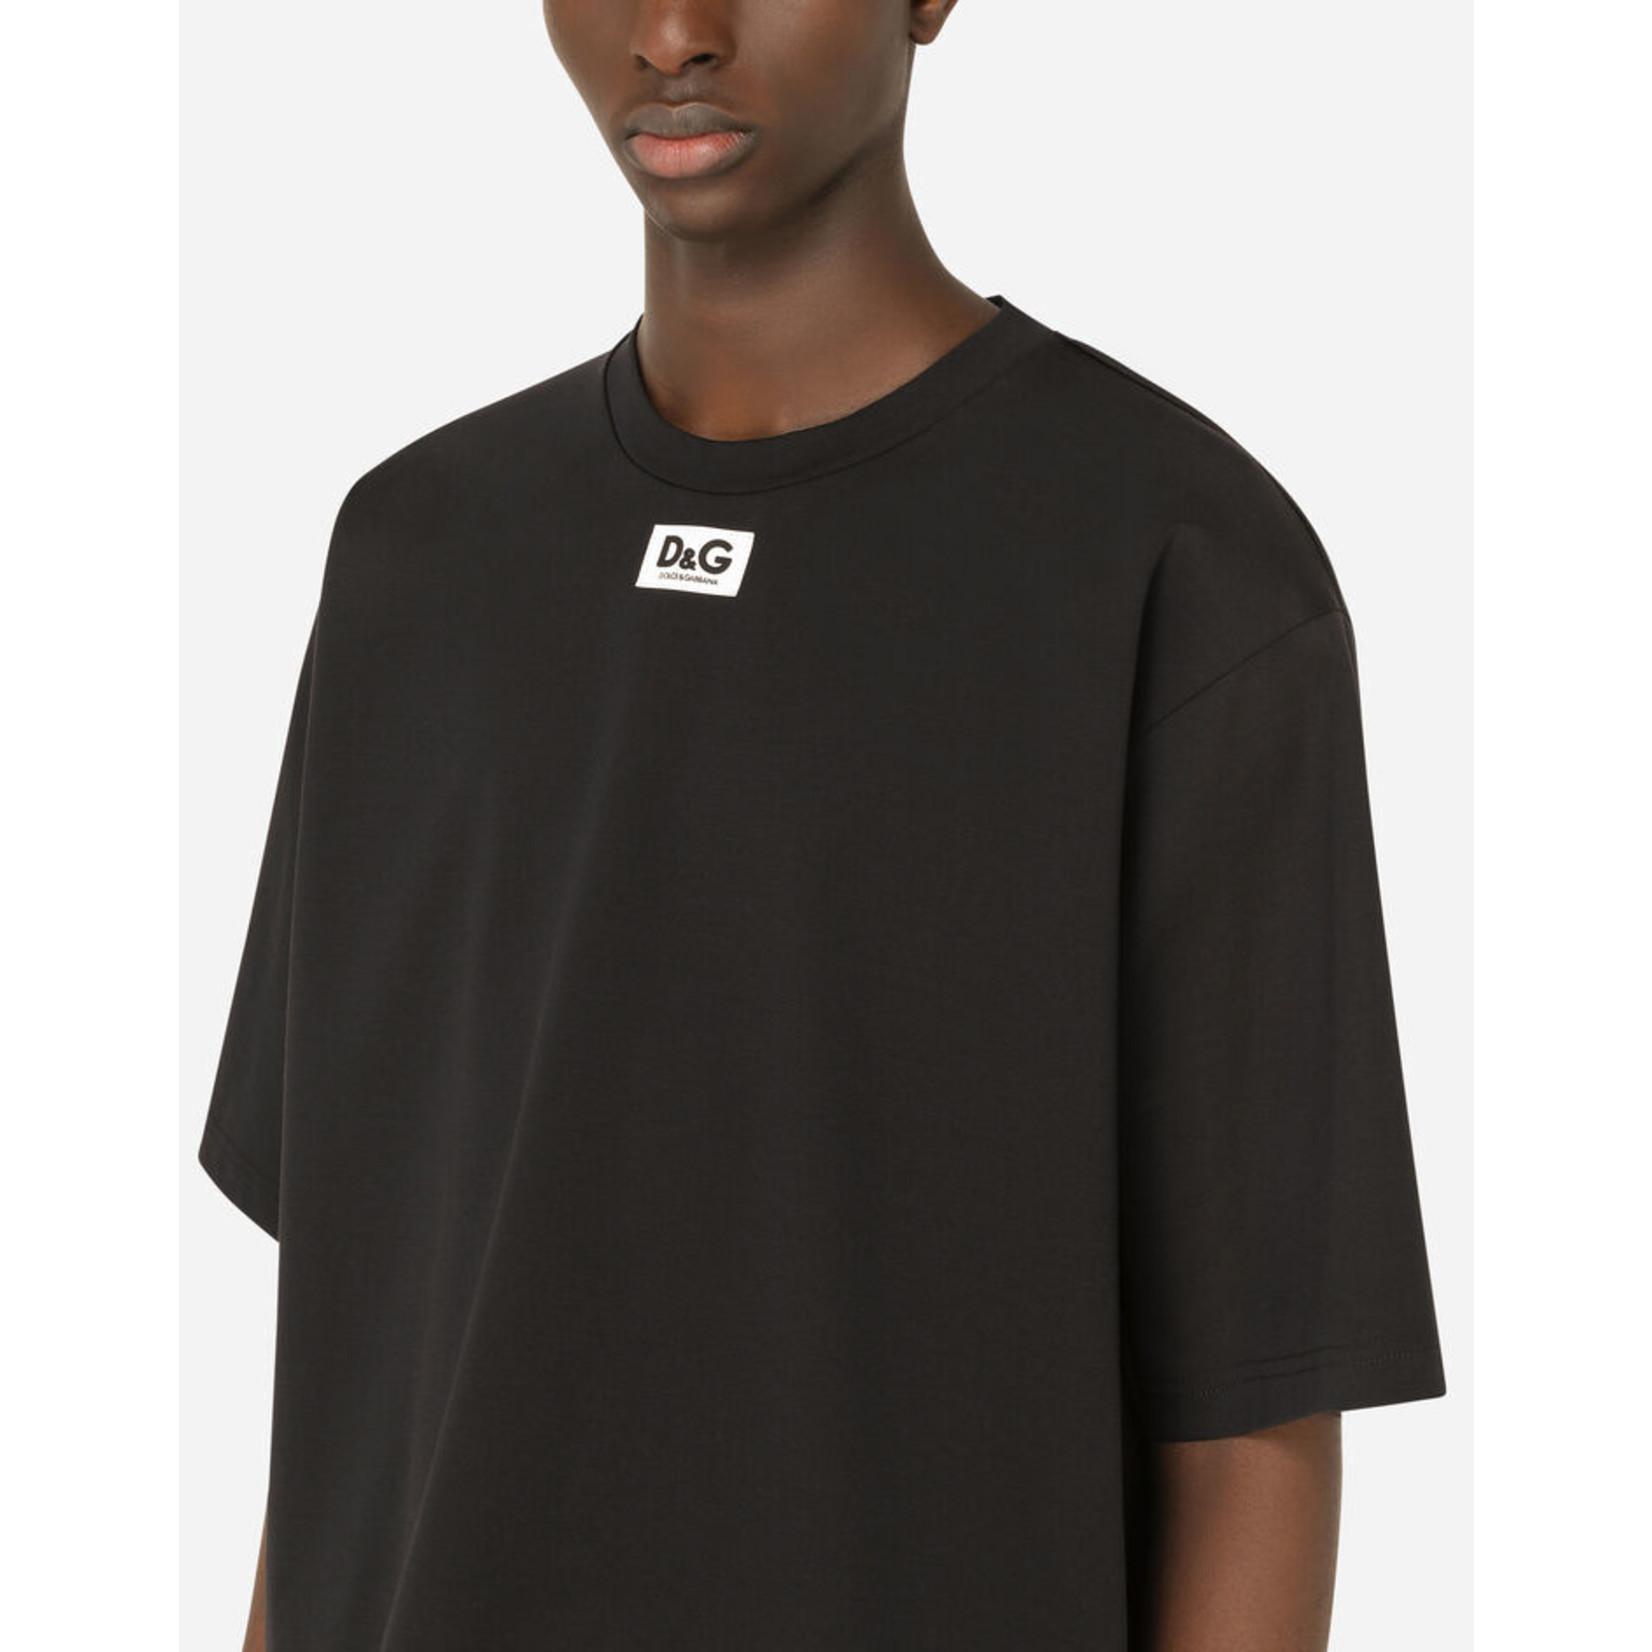 Dolce&Gabbana T-Shirt 42612